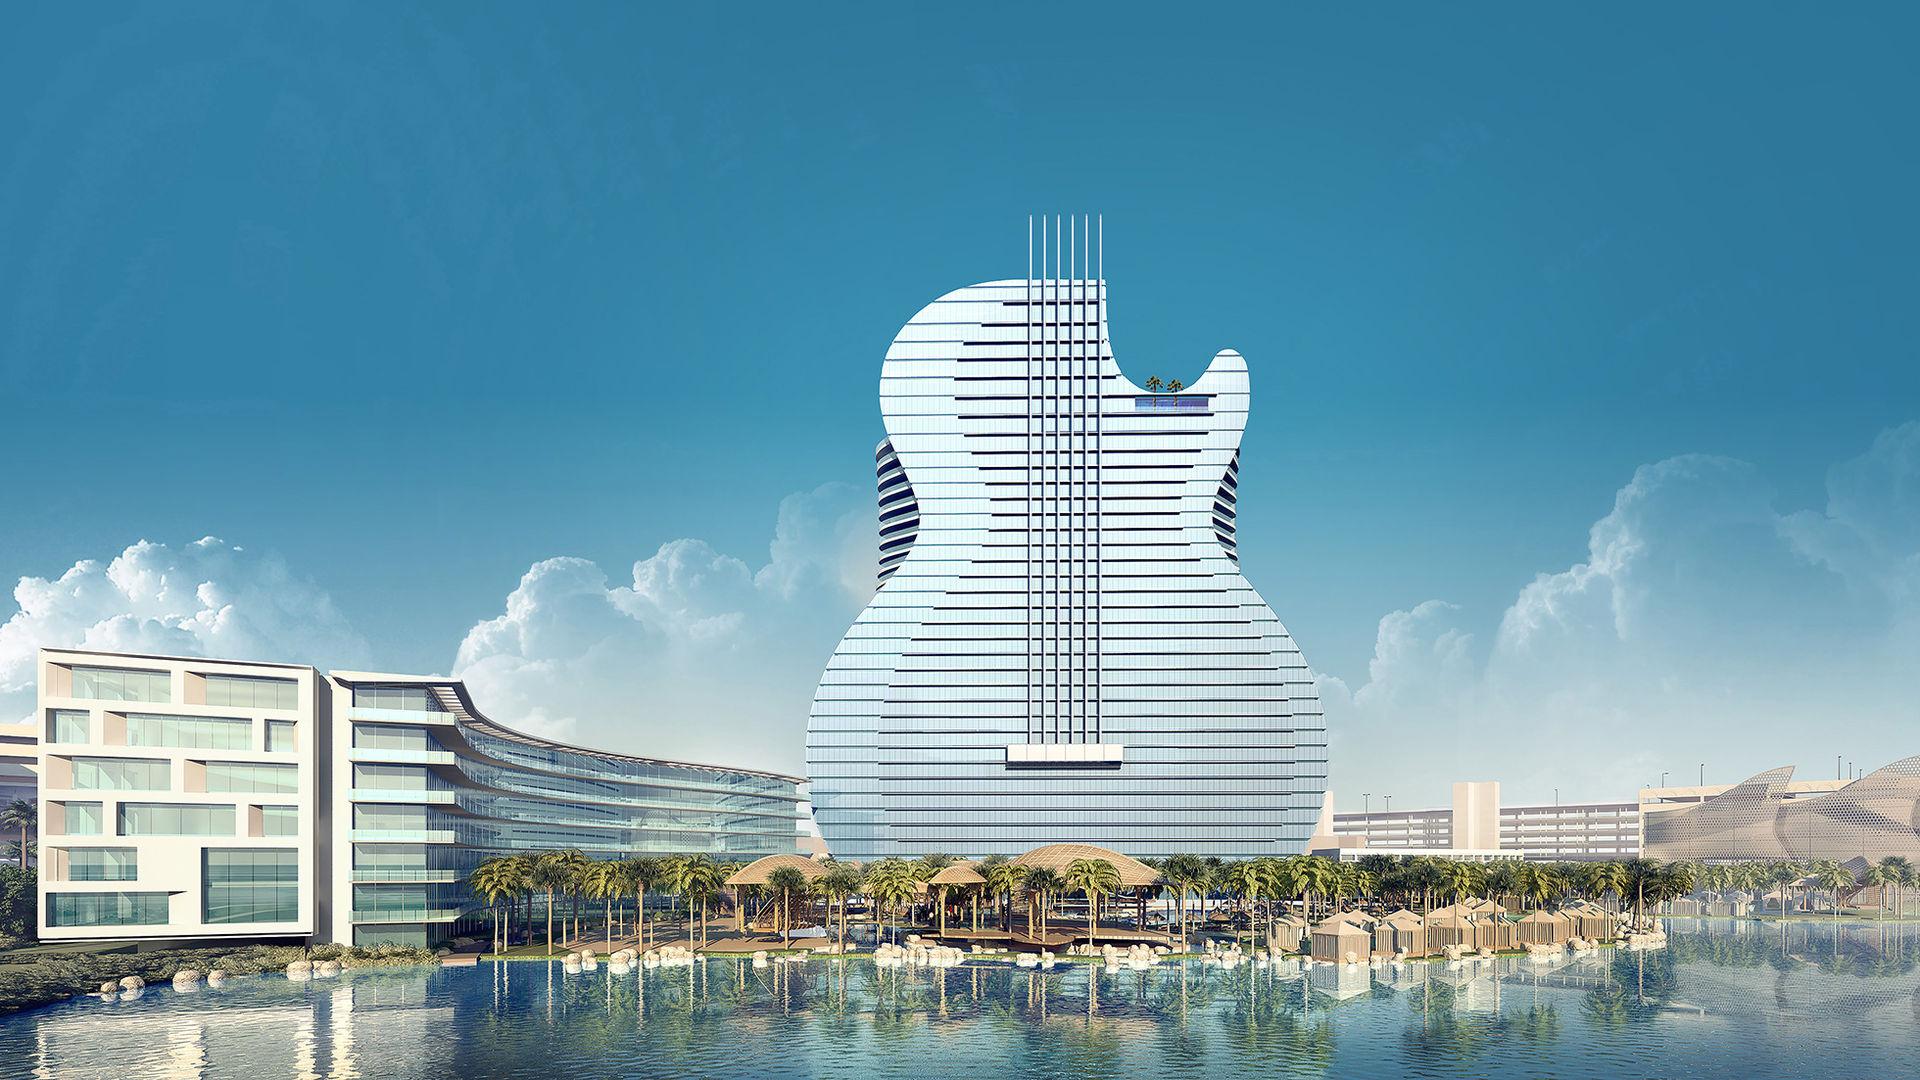 Hotellet som ser ut som en gitarr har öppnat